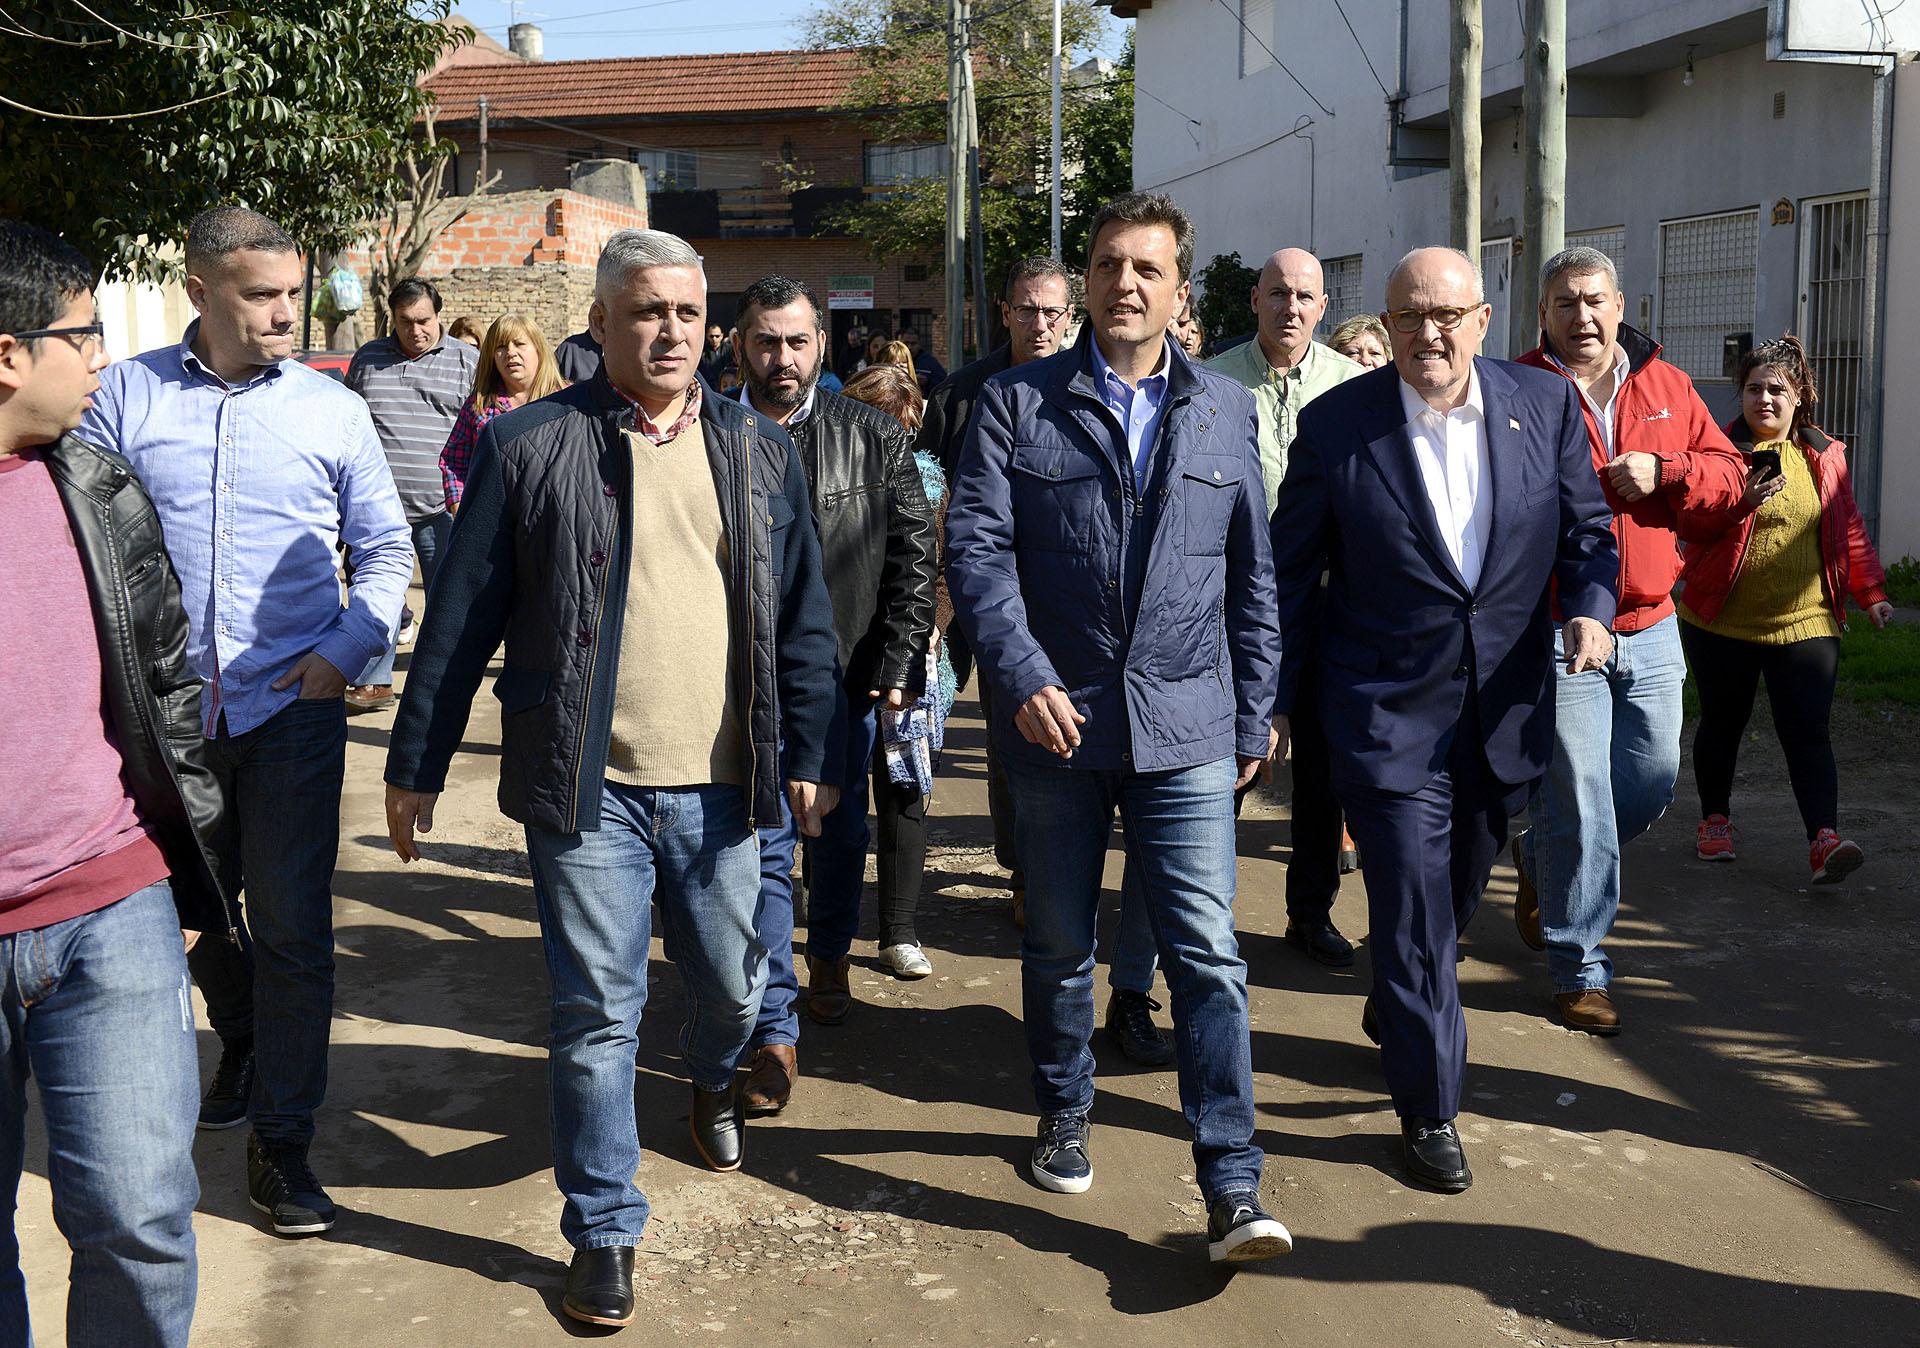 El diputado nacional y precandidato a senador Sergio Massa, estuvo en el partido bonaerense de La Matanza, acompañado por el ex alcalde de Nueva York, Rudolph Giuliani. Relajado, optó por llevar zapatilla, jeans y campera, un infaltable de esta campaña.